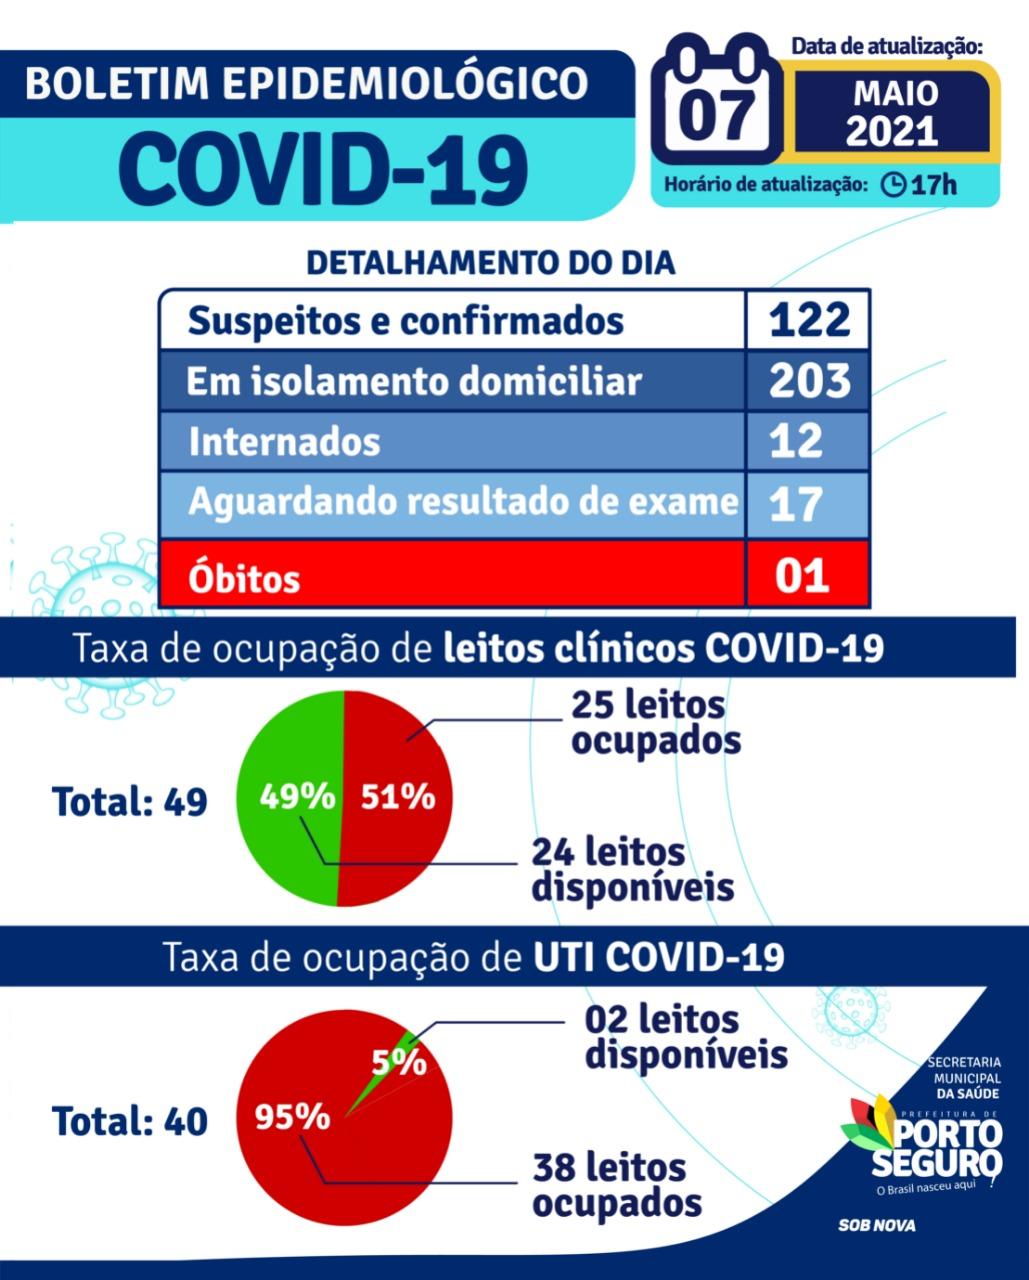 PORTO SEGURO: Boletim Coronavírus 07/05/2021 22